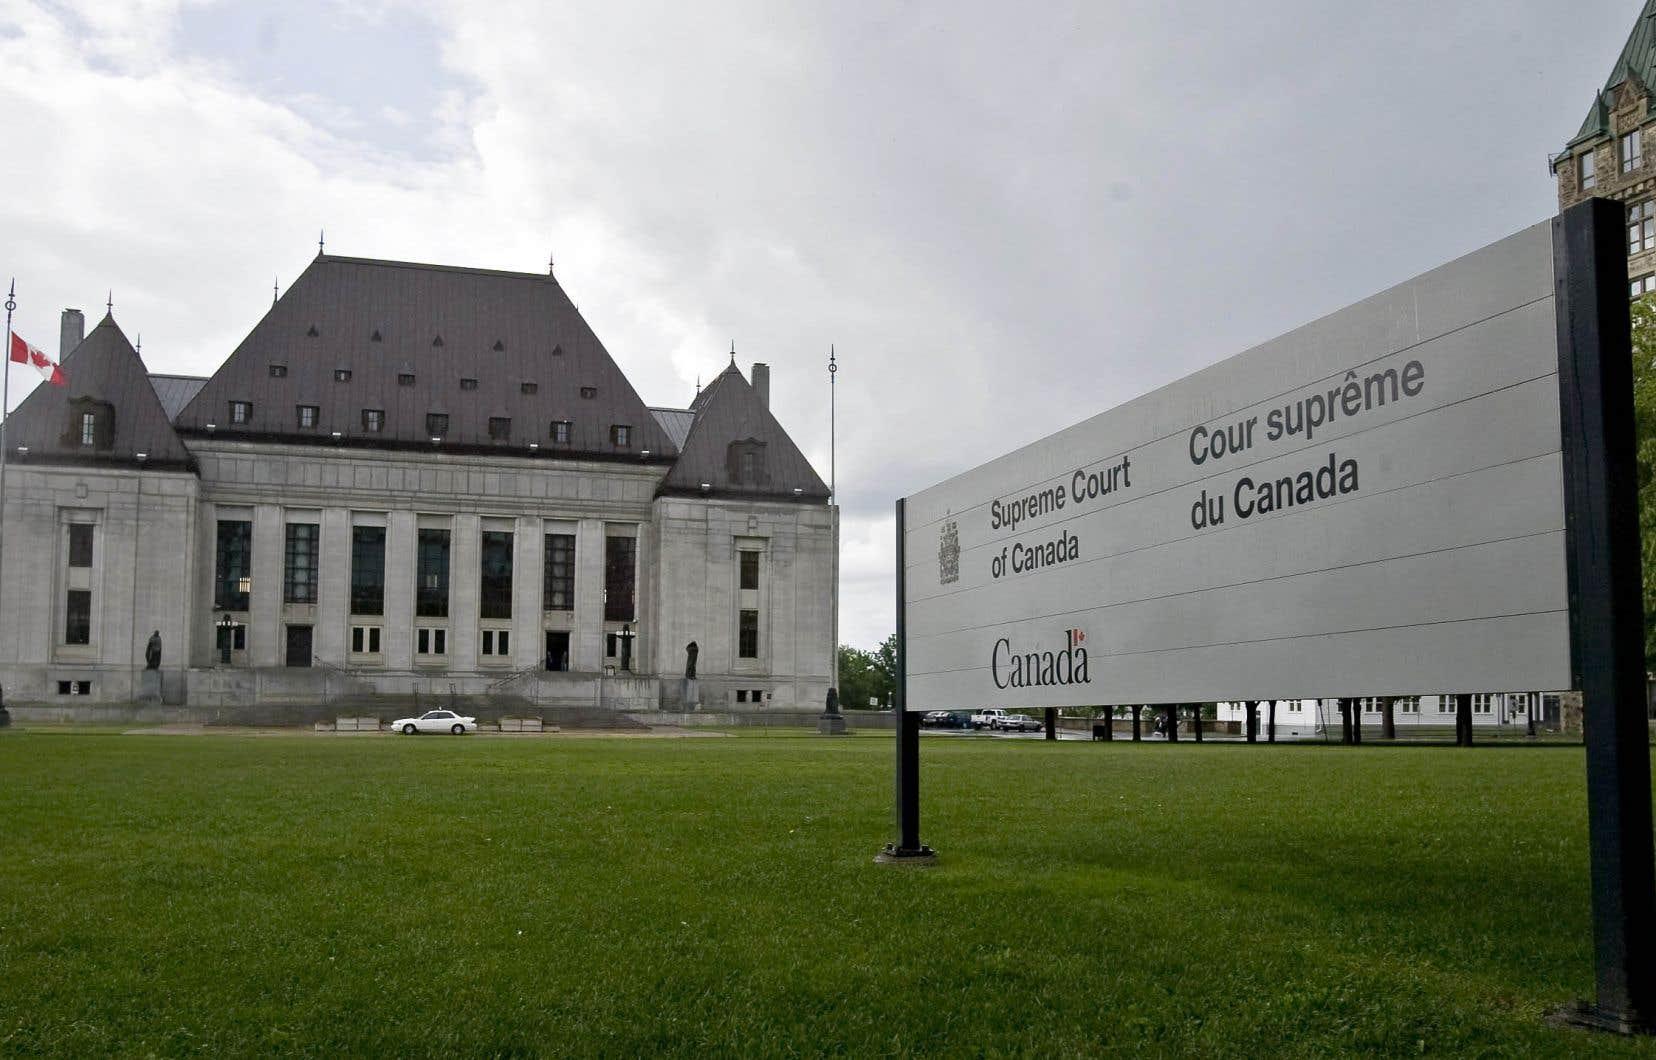 Les libéraux plaident que tout ceci n'est pas nécessaire puisqu'ils se sont engagés à ne nommer au plus haut tribunal du pays que des juges bilingues.